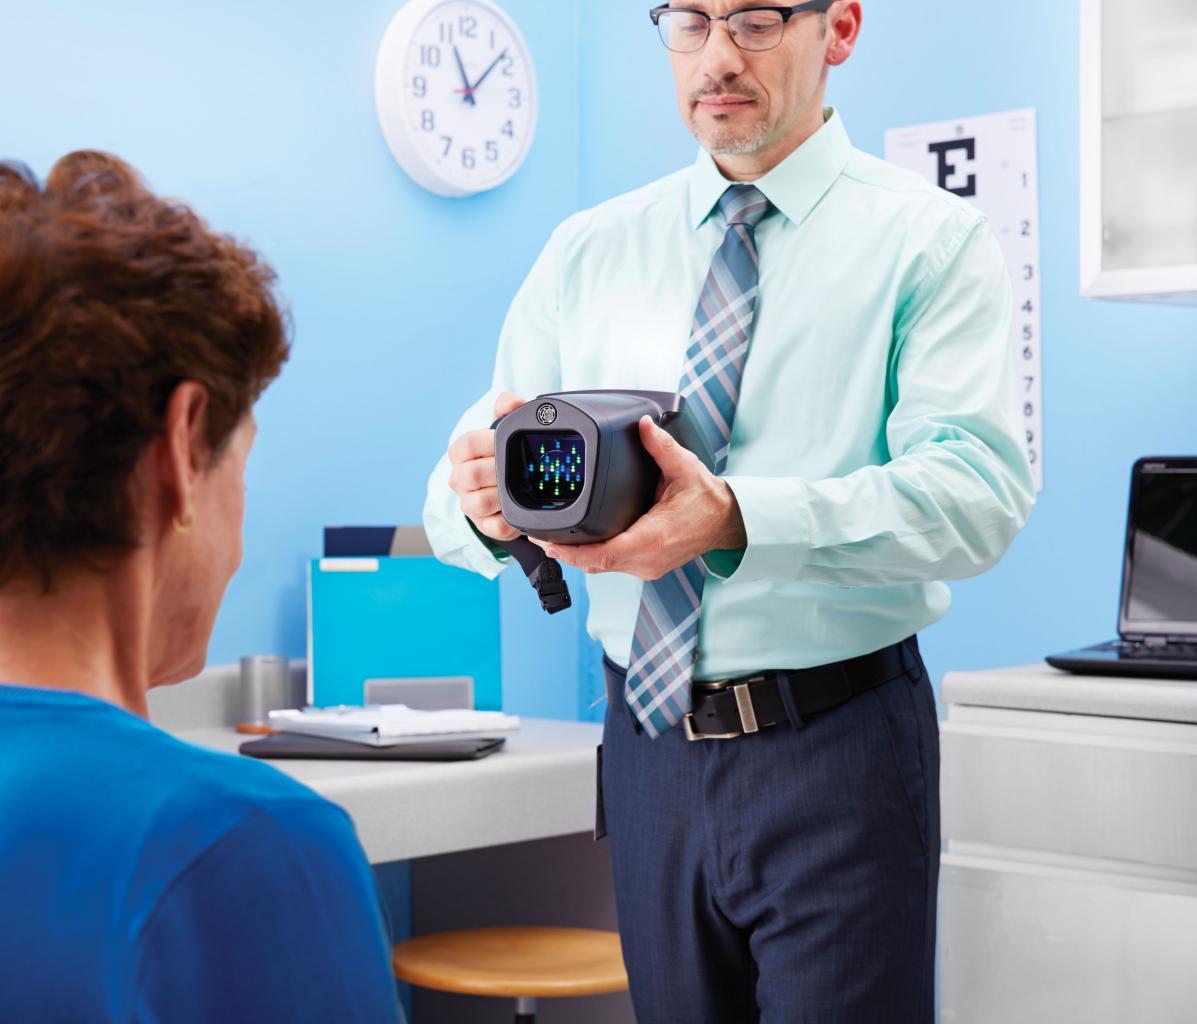 regelmäßige Überprüfung der Augen beim Optiker